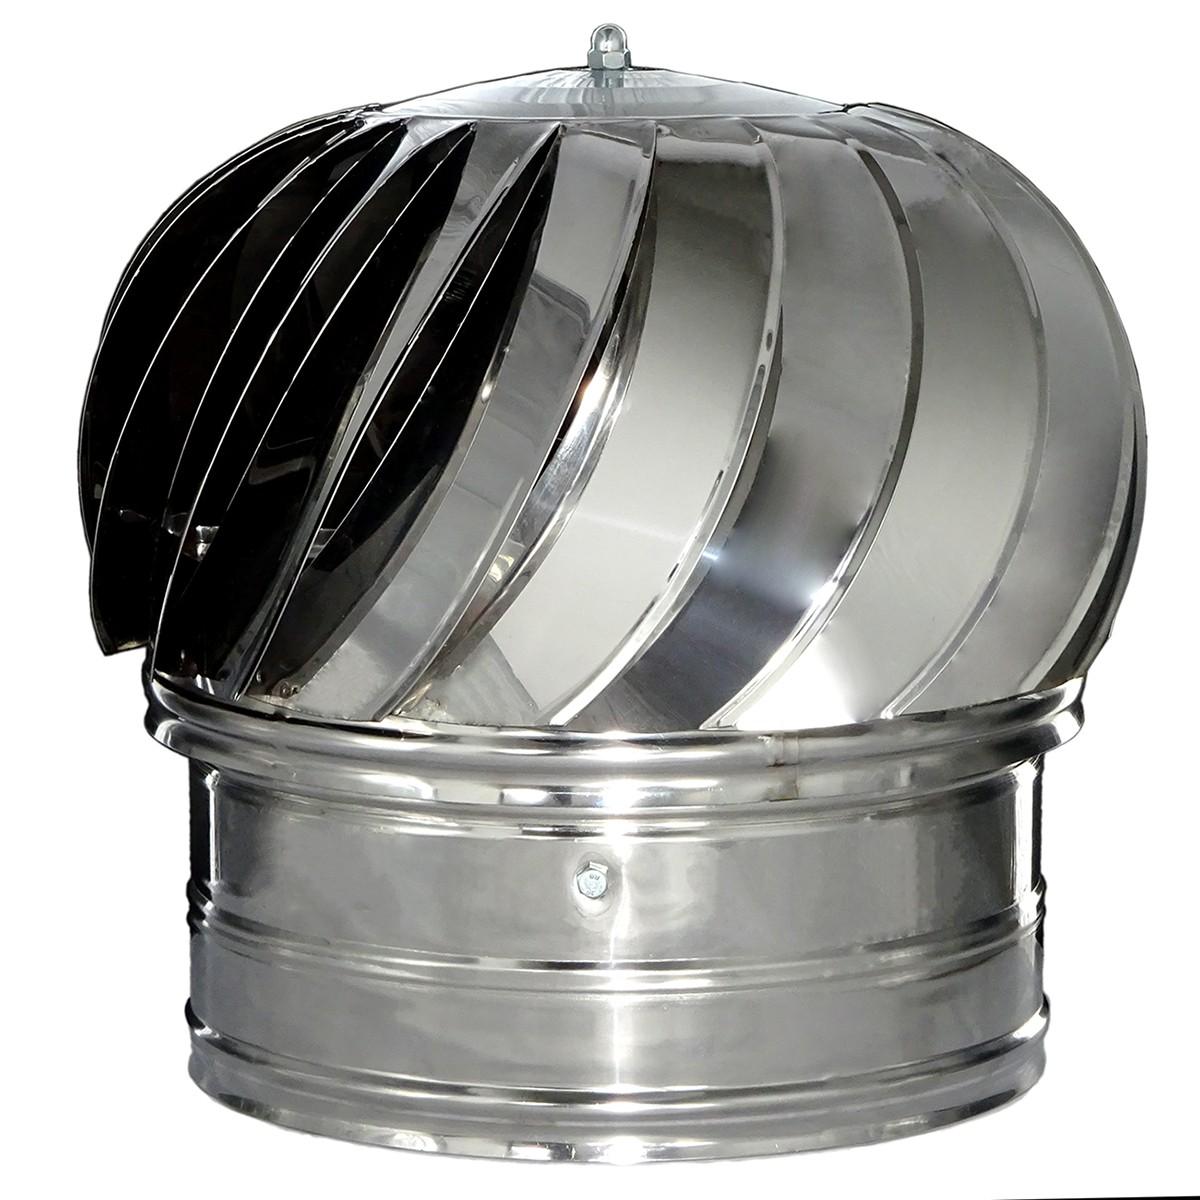 Pălărie rotativă din inox pentru coșuri de fum - Ø 150mm